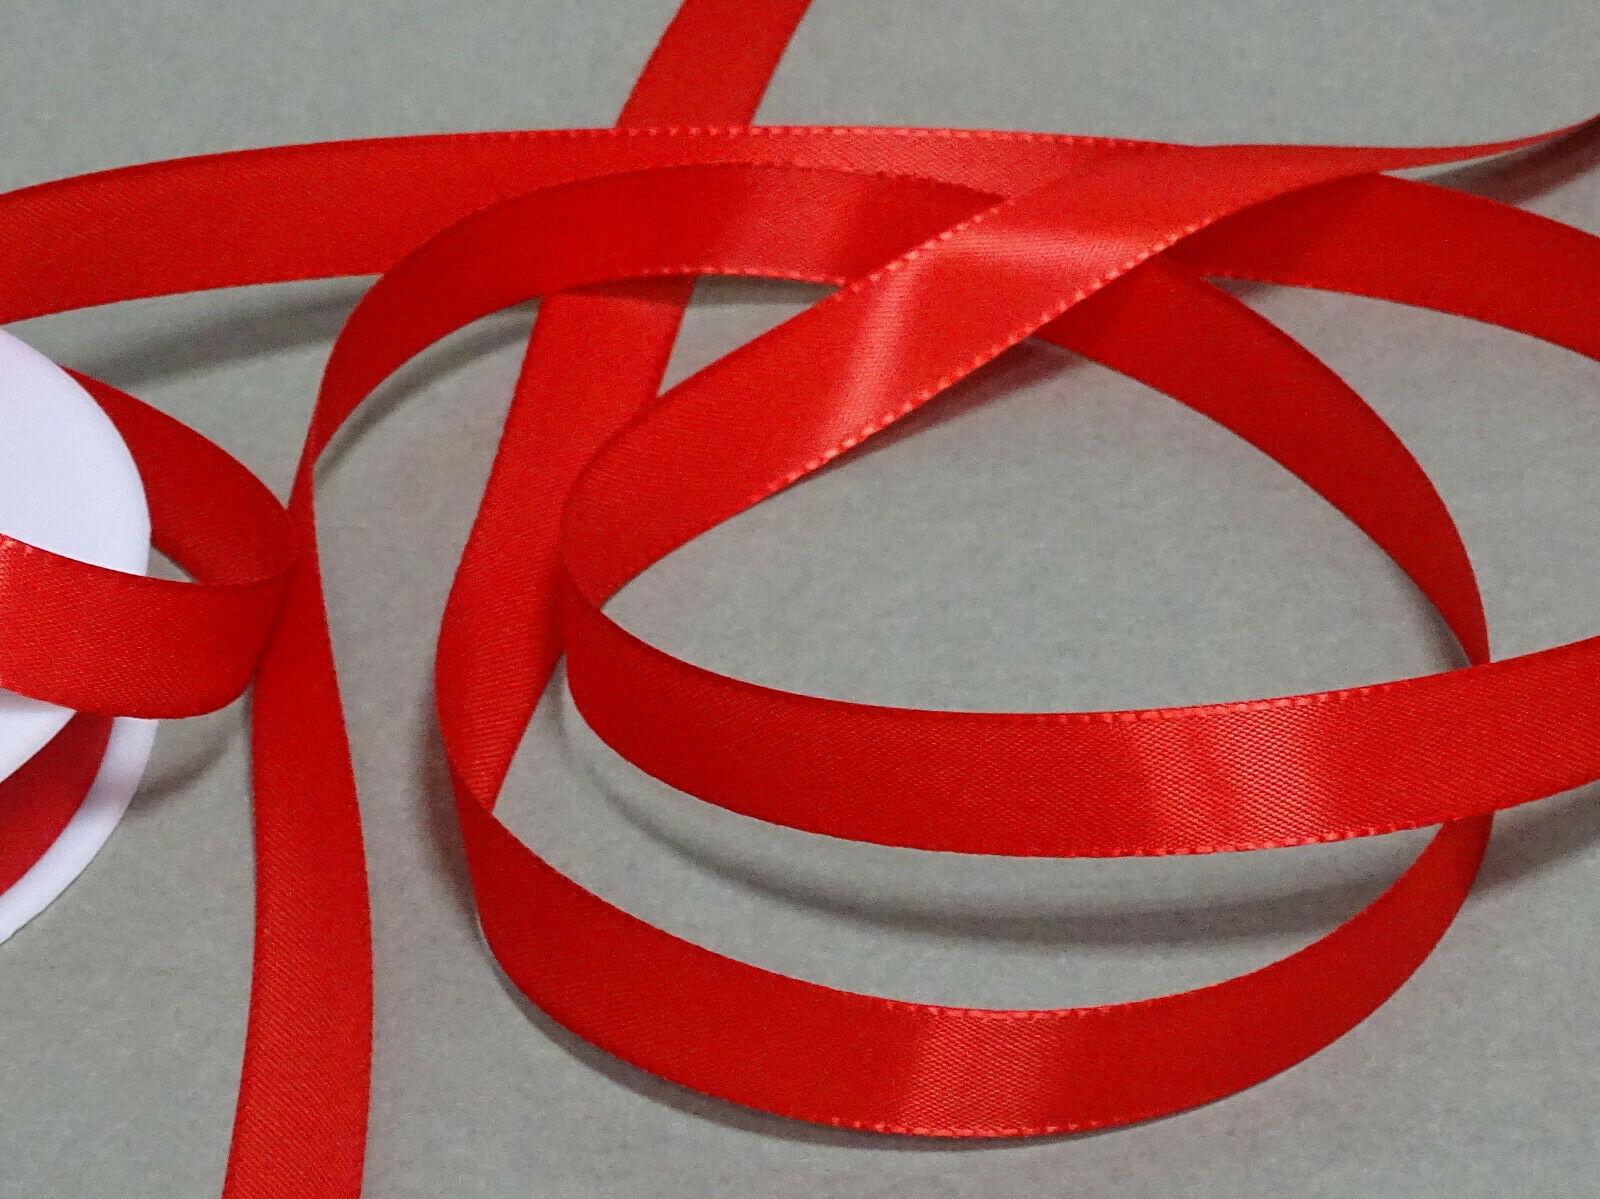 Seidenband Schleifenband 50 m x 15 / 25 / 40mm Dekoband ab 0,08€/m Geschenkband  - Rot 123, 25 mm x 50 m